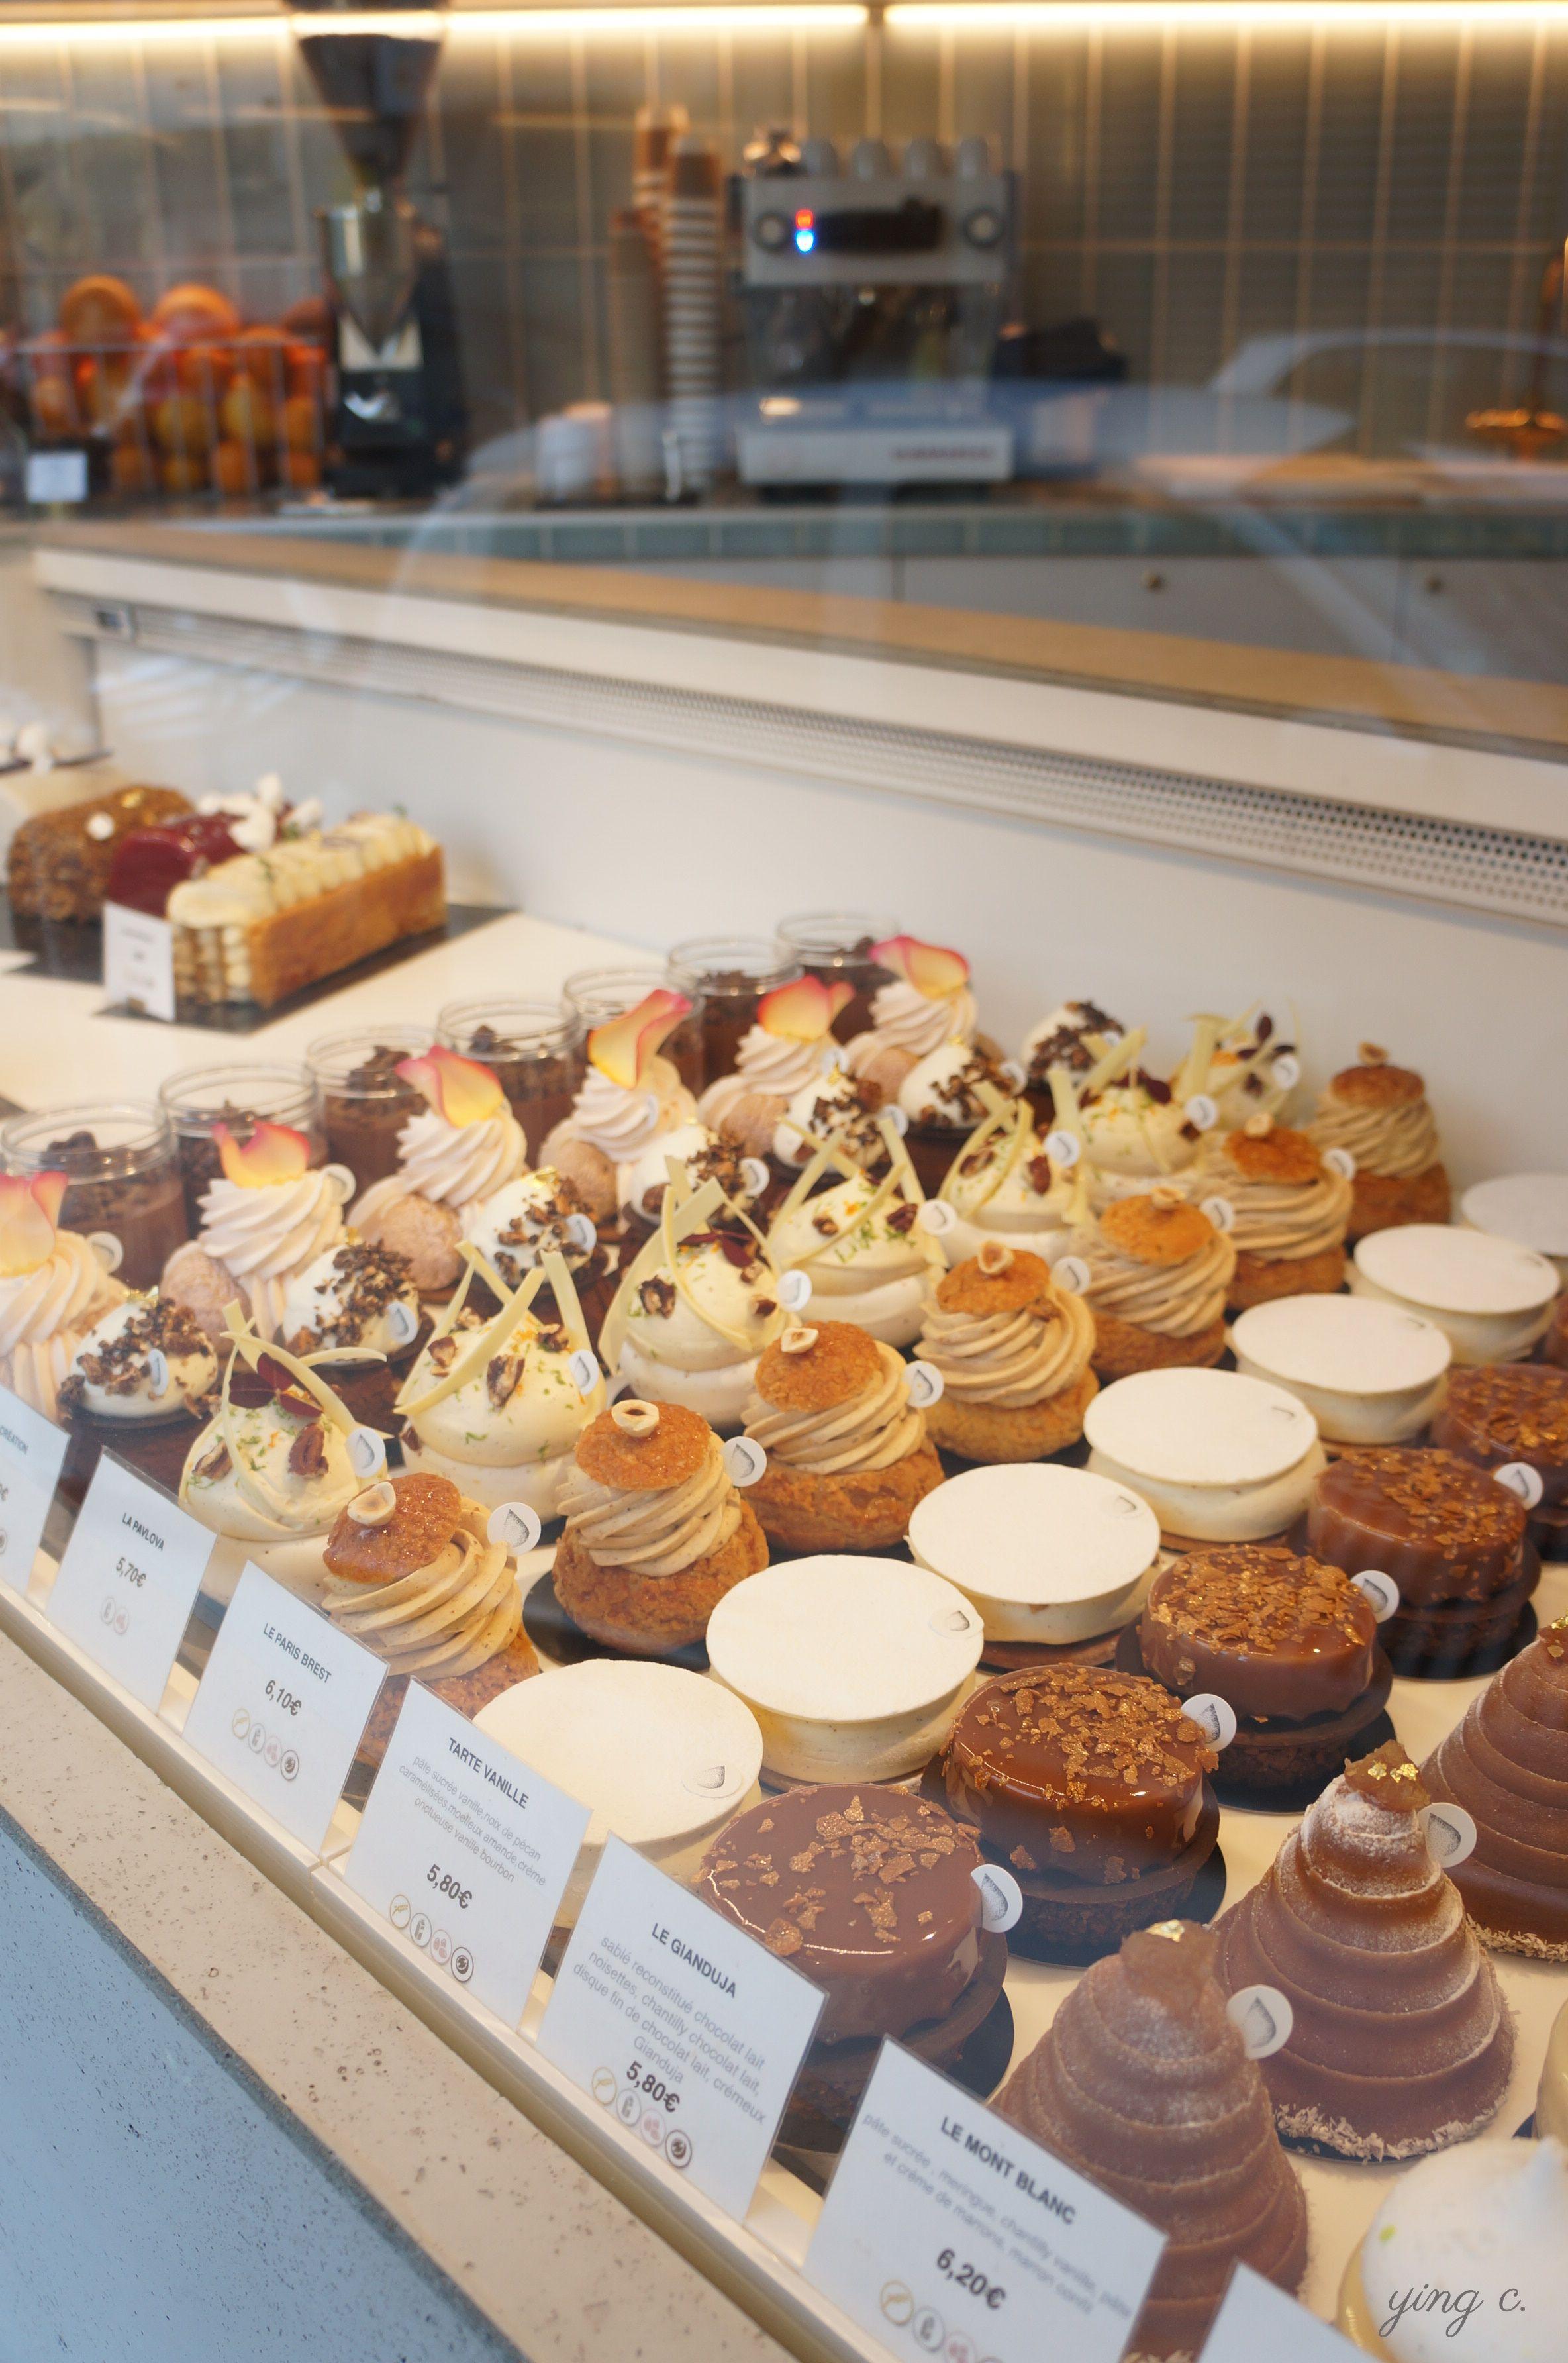 每一個甜點看起來都很誘人,選擇困難症又要發作了。